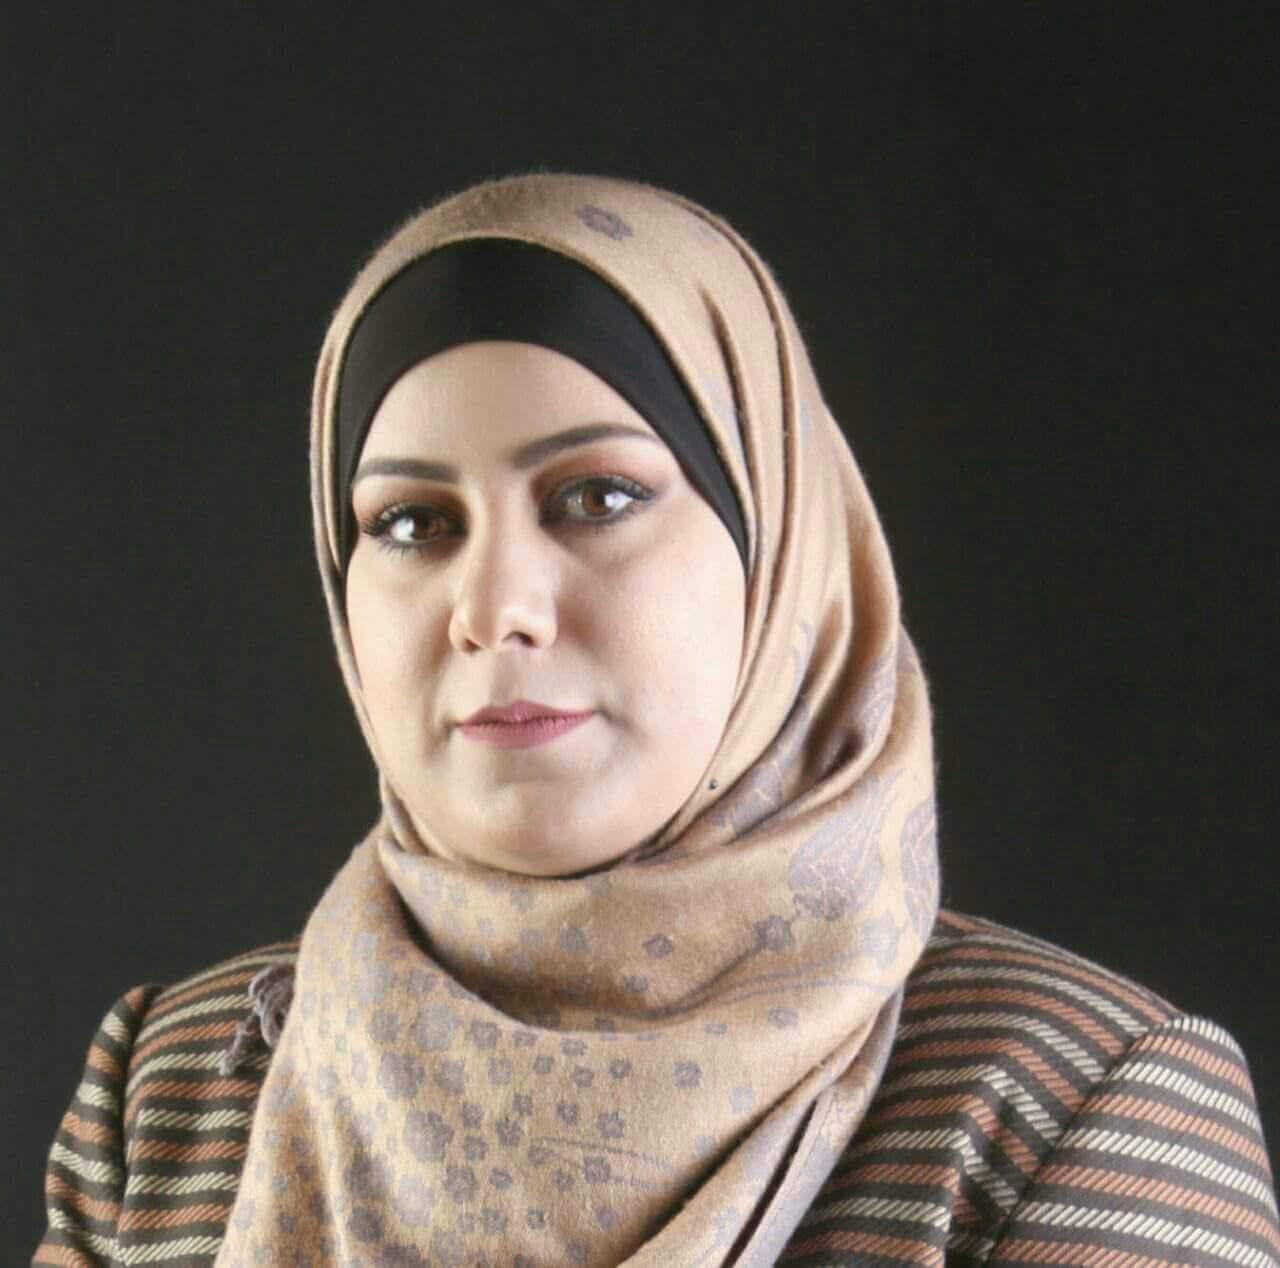 الشباب كفاعل رئيس في الاحتجاجات الأردنية